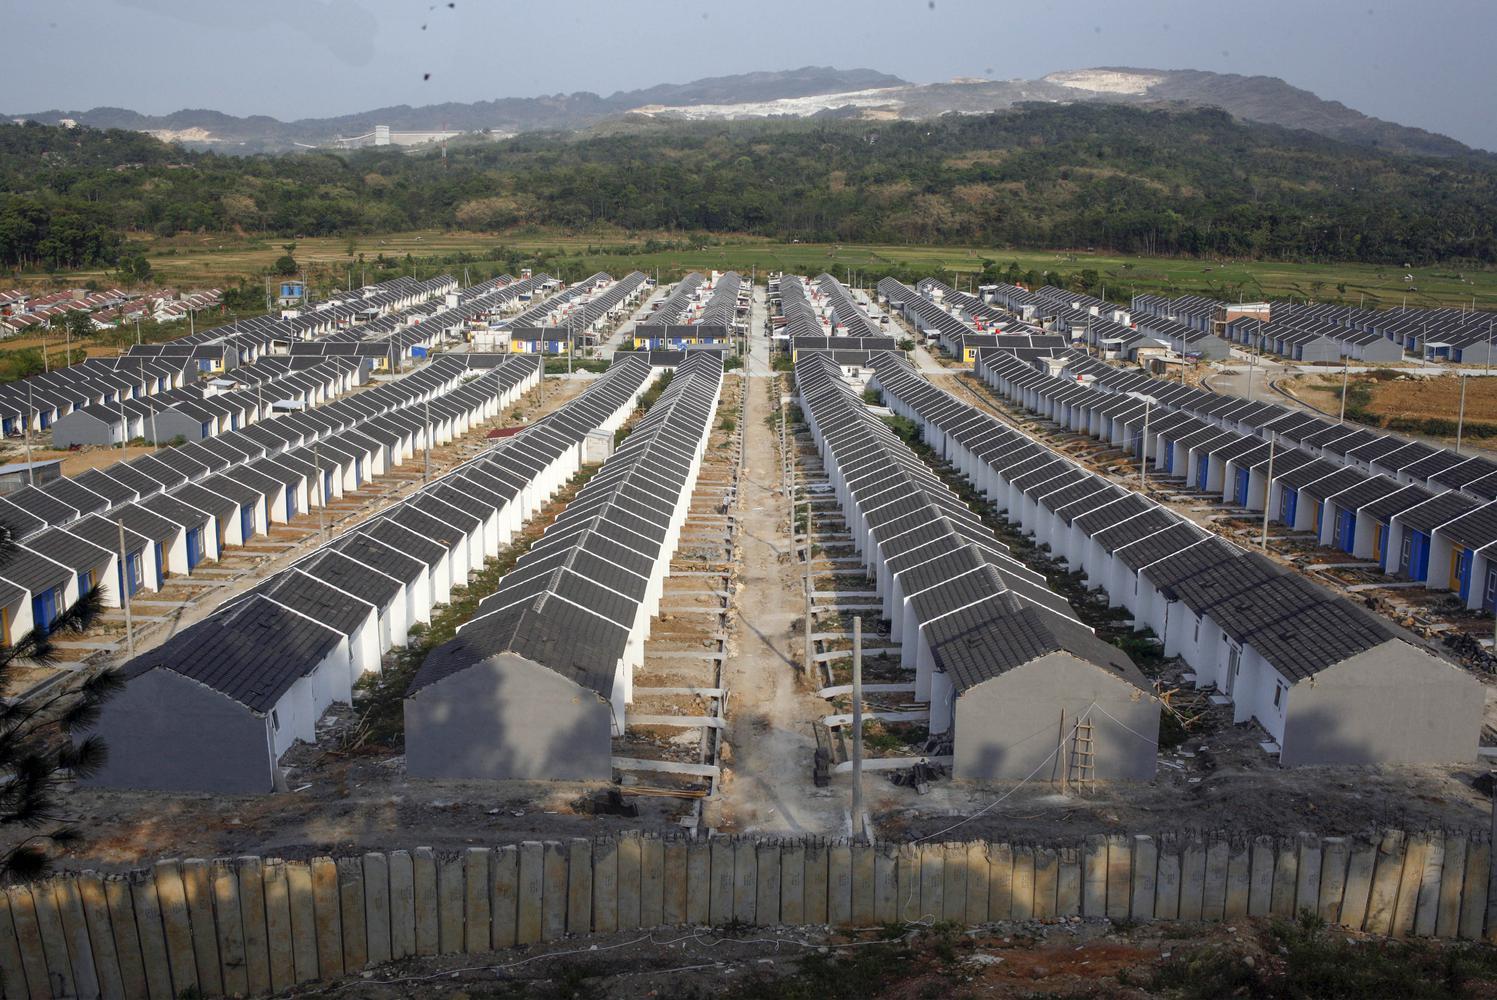 Suasana sebuah kompleks perumahan bersubsidi di kawasan Citeureup, Bogor, Jawa Barat, Senin (7/10/2019). Pemerintah memutuskan menambah anggaran untuk penyaluran rumah subsidi bagi Masyarakat Berpenghasilan Rendah (MBR) melalui skema Fasilitas Likuiditas